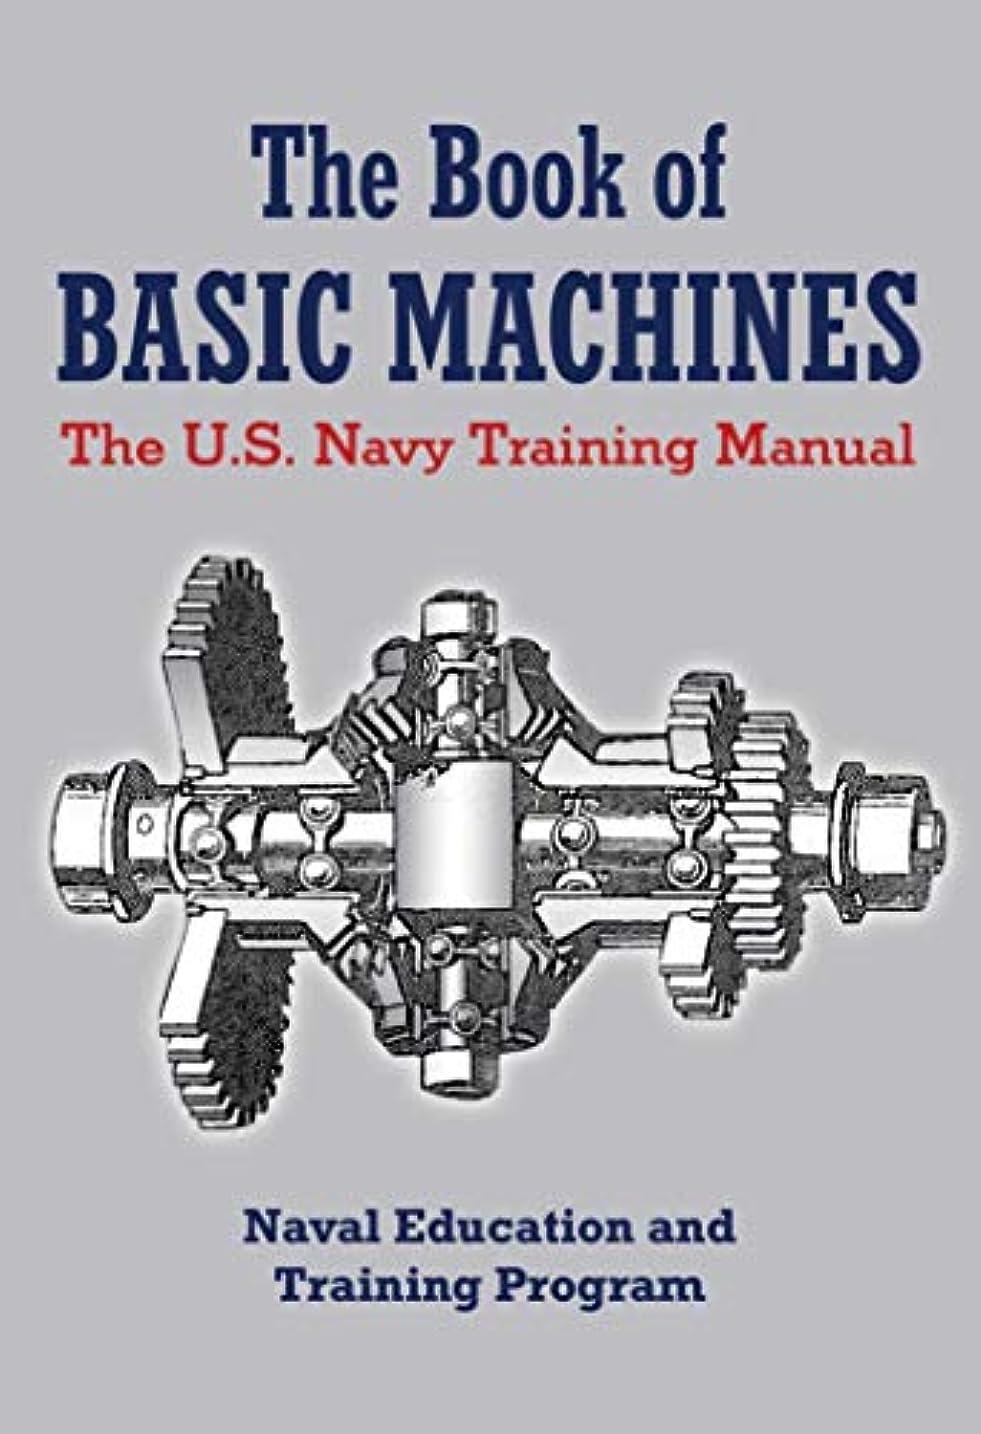 肌発火する暖かくThe Book of Basic Machines: The U.S. Navy Training Manual (English Edition)